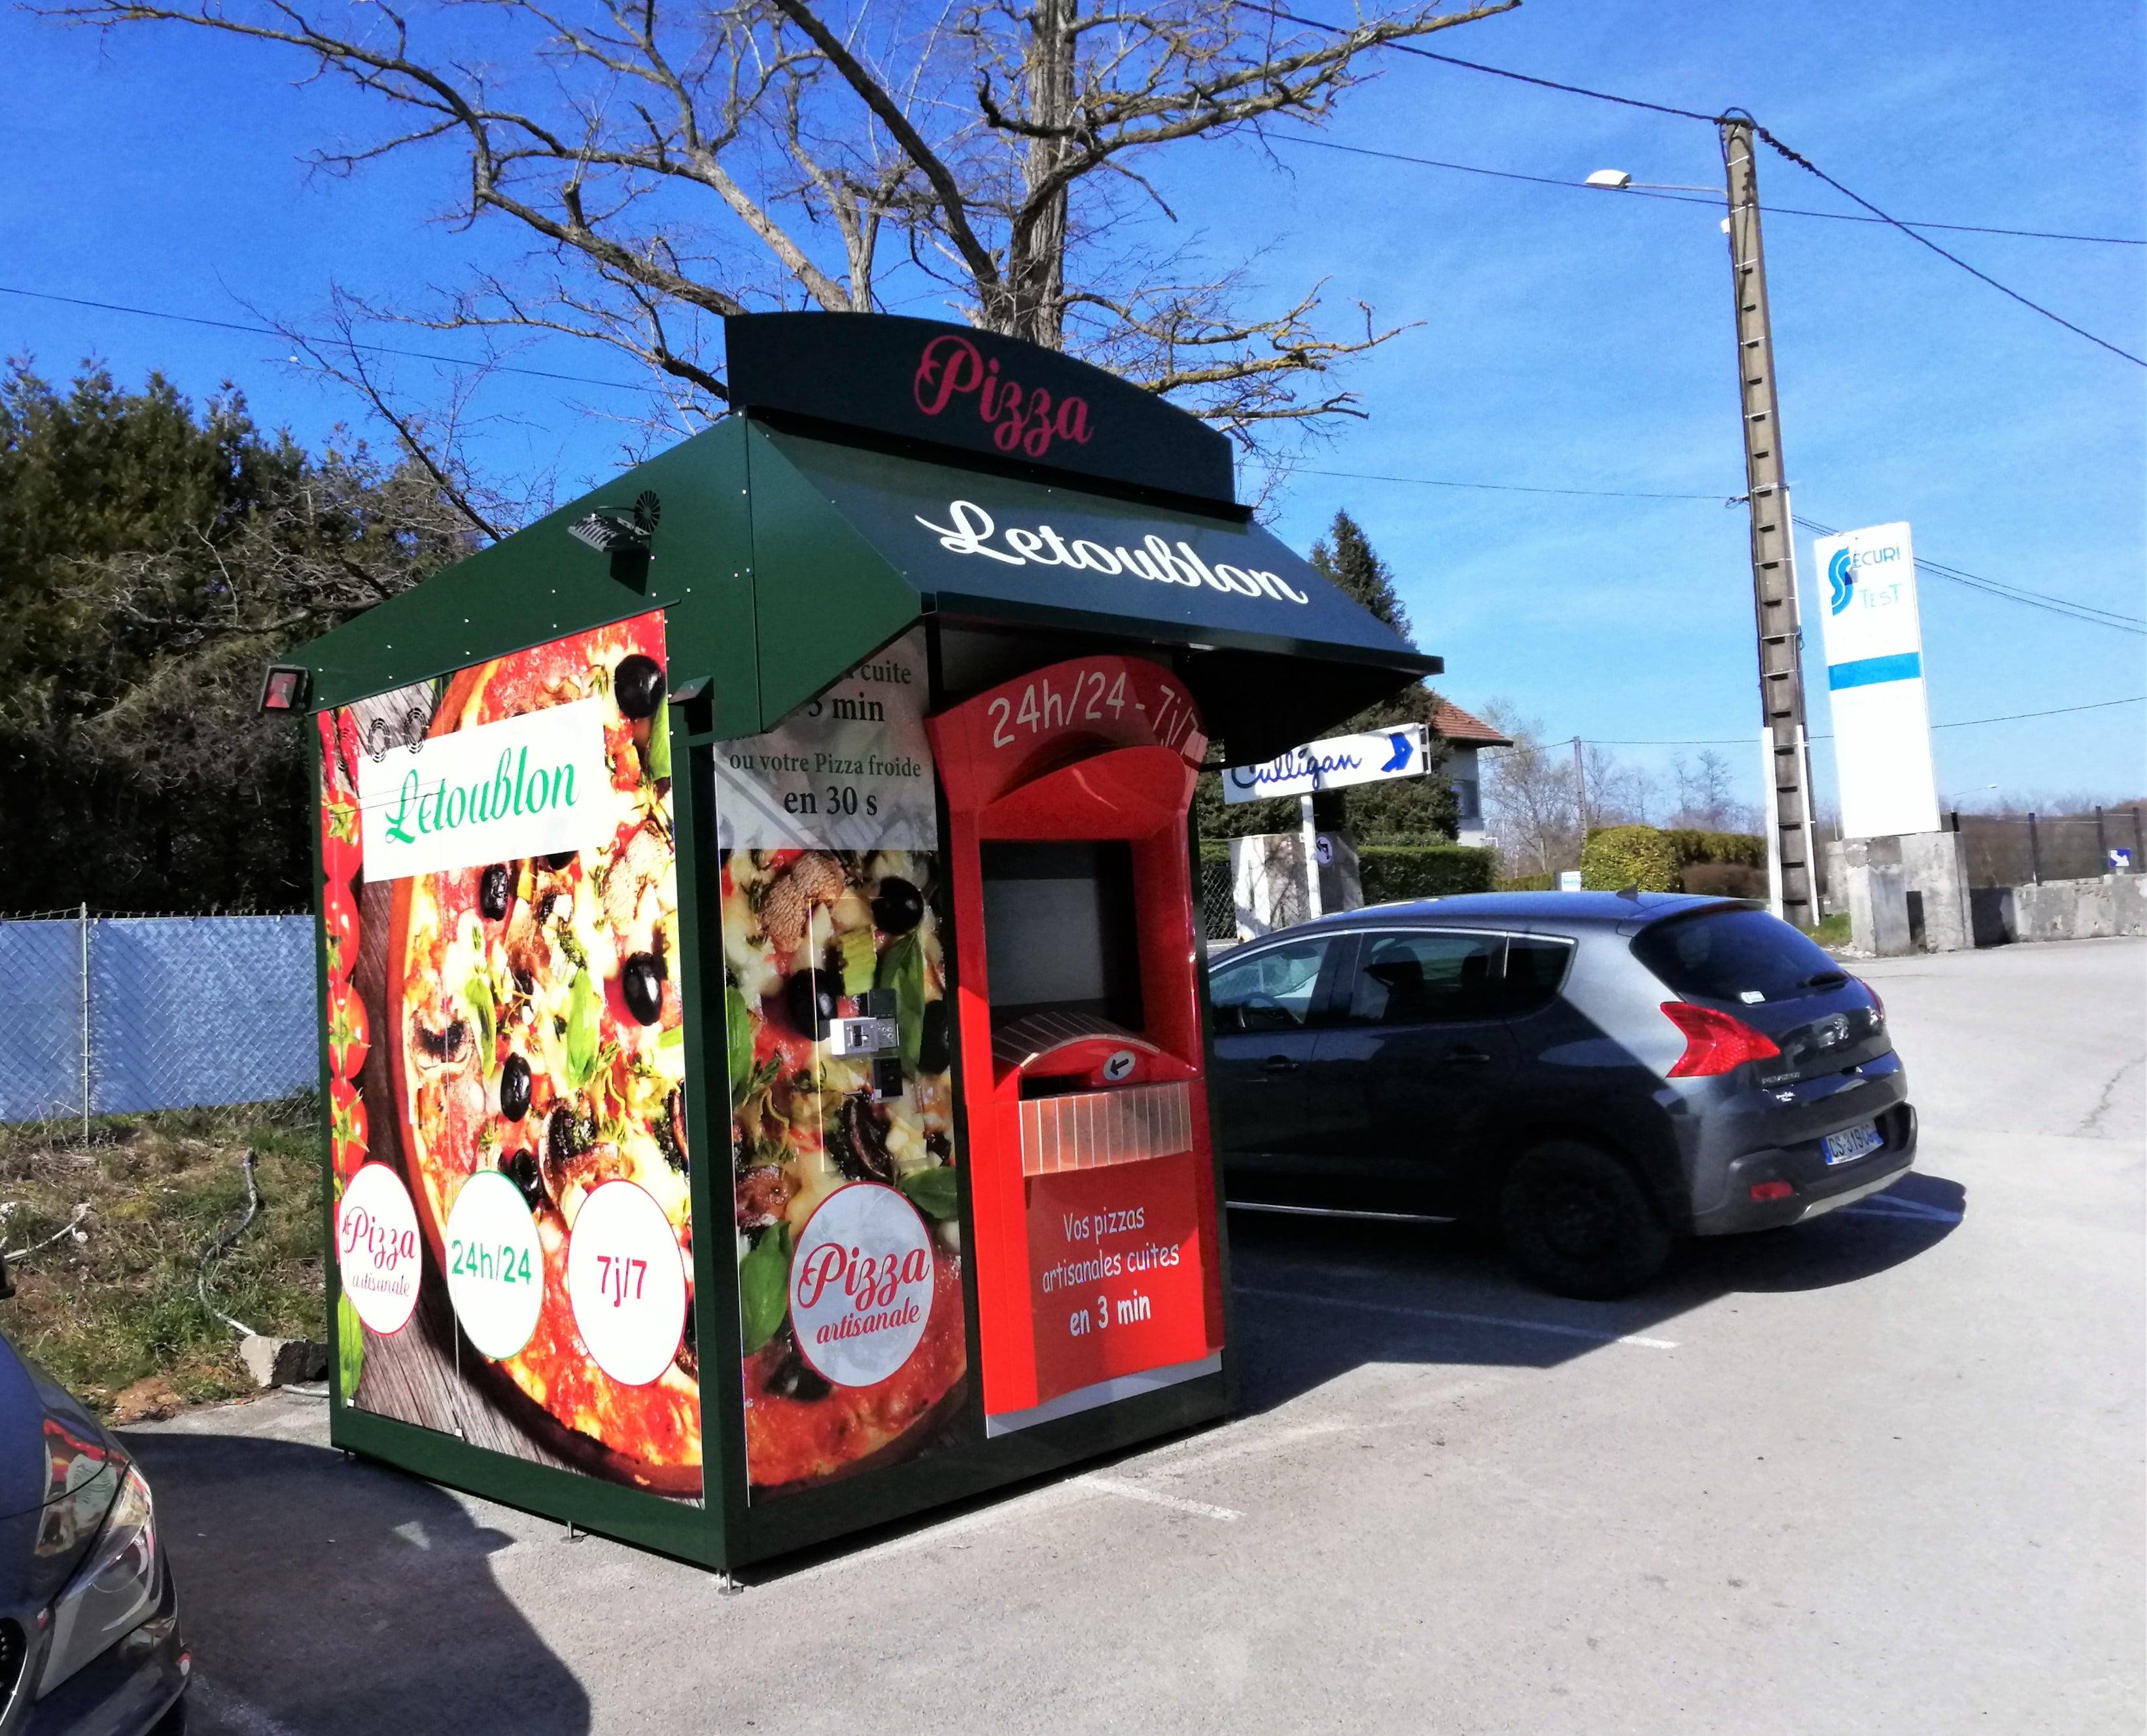 Distributeur automatique de pizza pizzadoor by adial Le toublon Bourgogne franche conté 2019